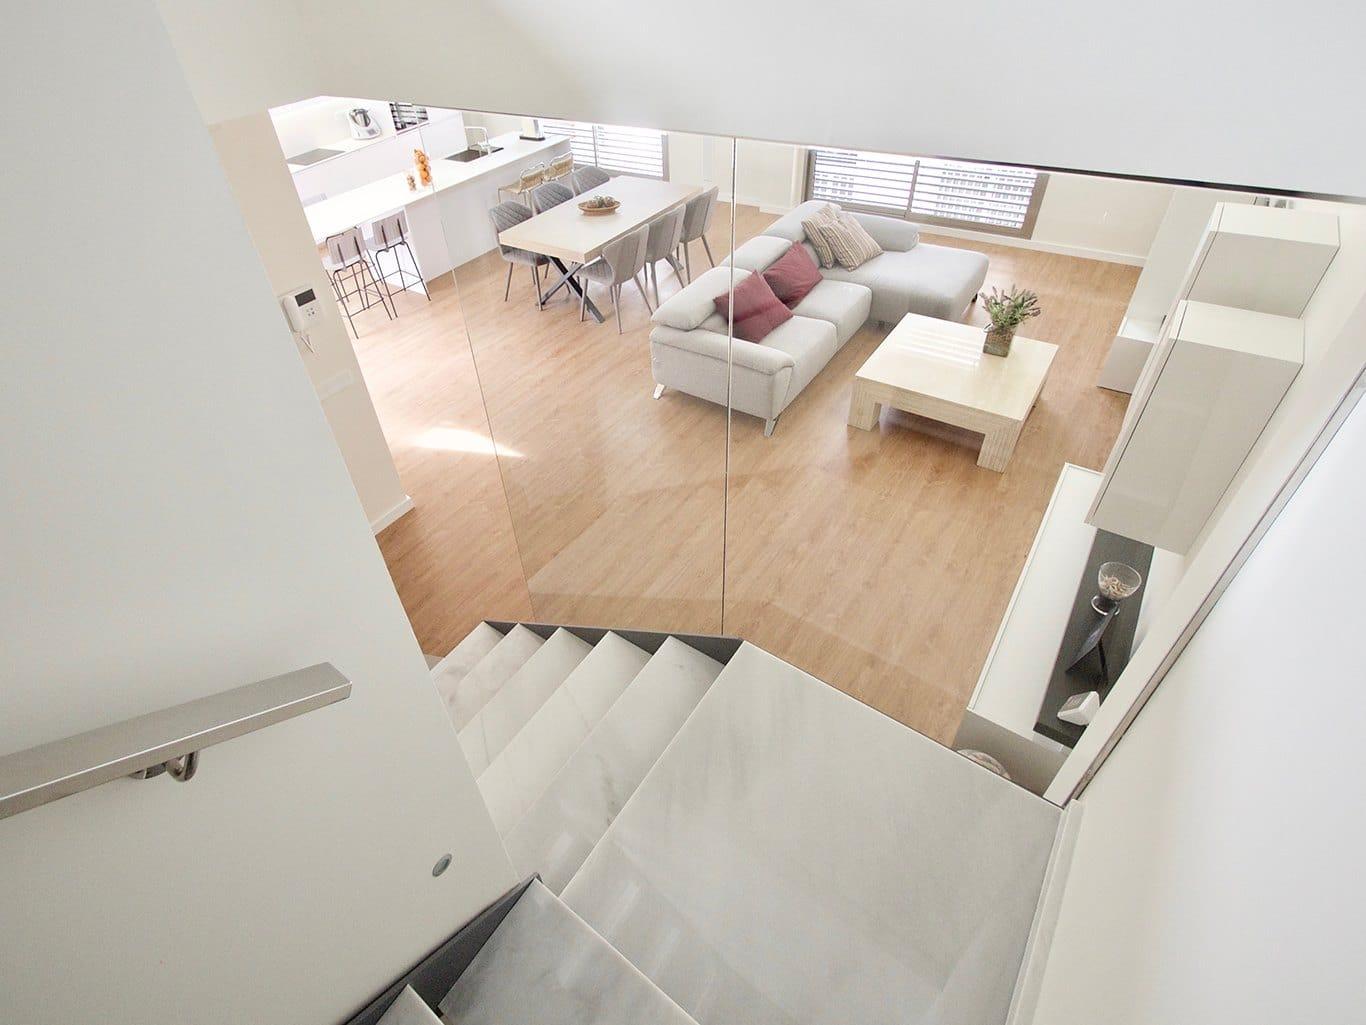 Vista desde las escaleras de salón comedor con suelo en madera y cocina blanca con isla al fondo